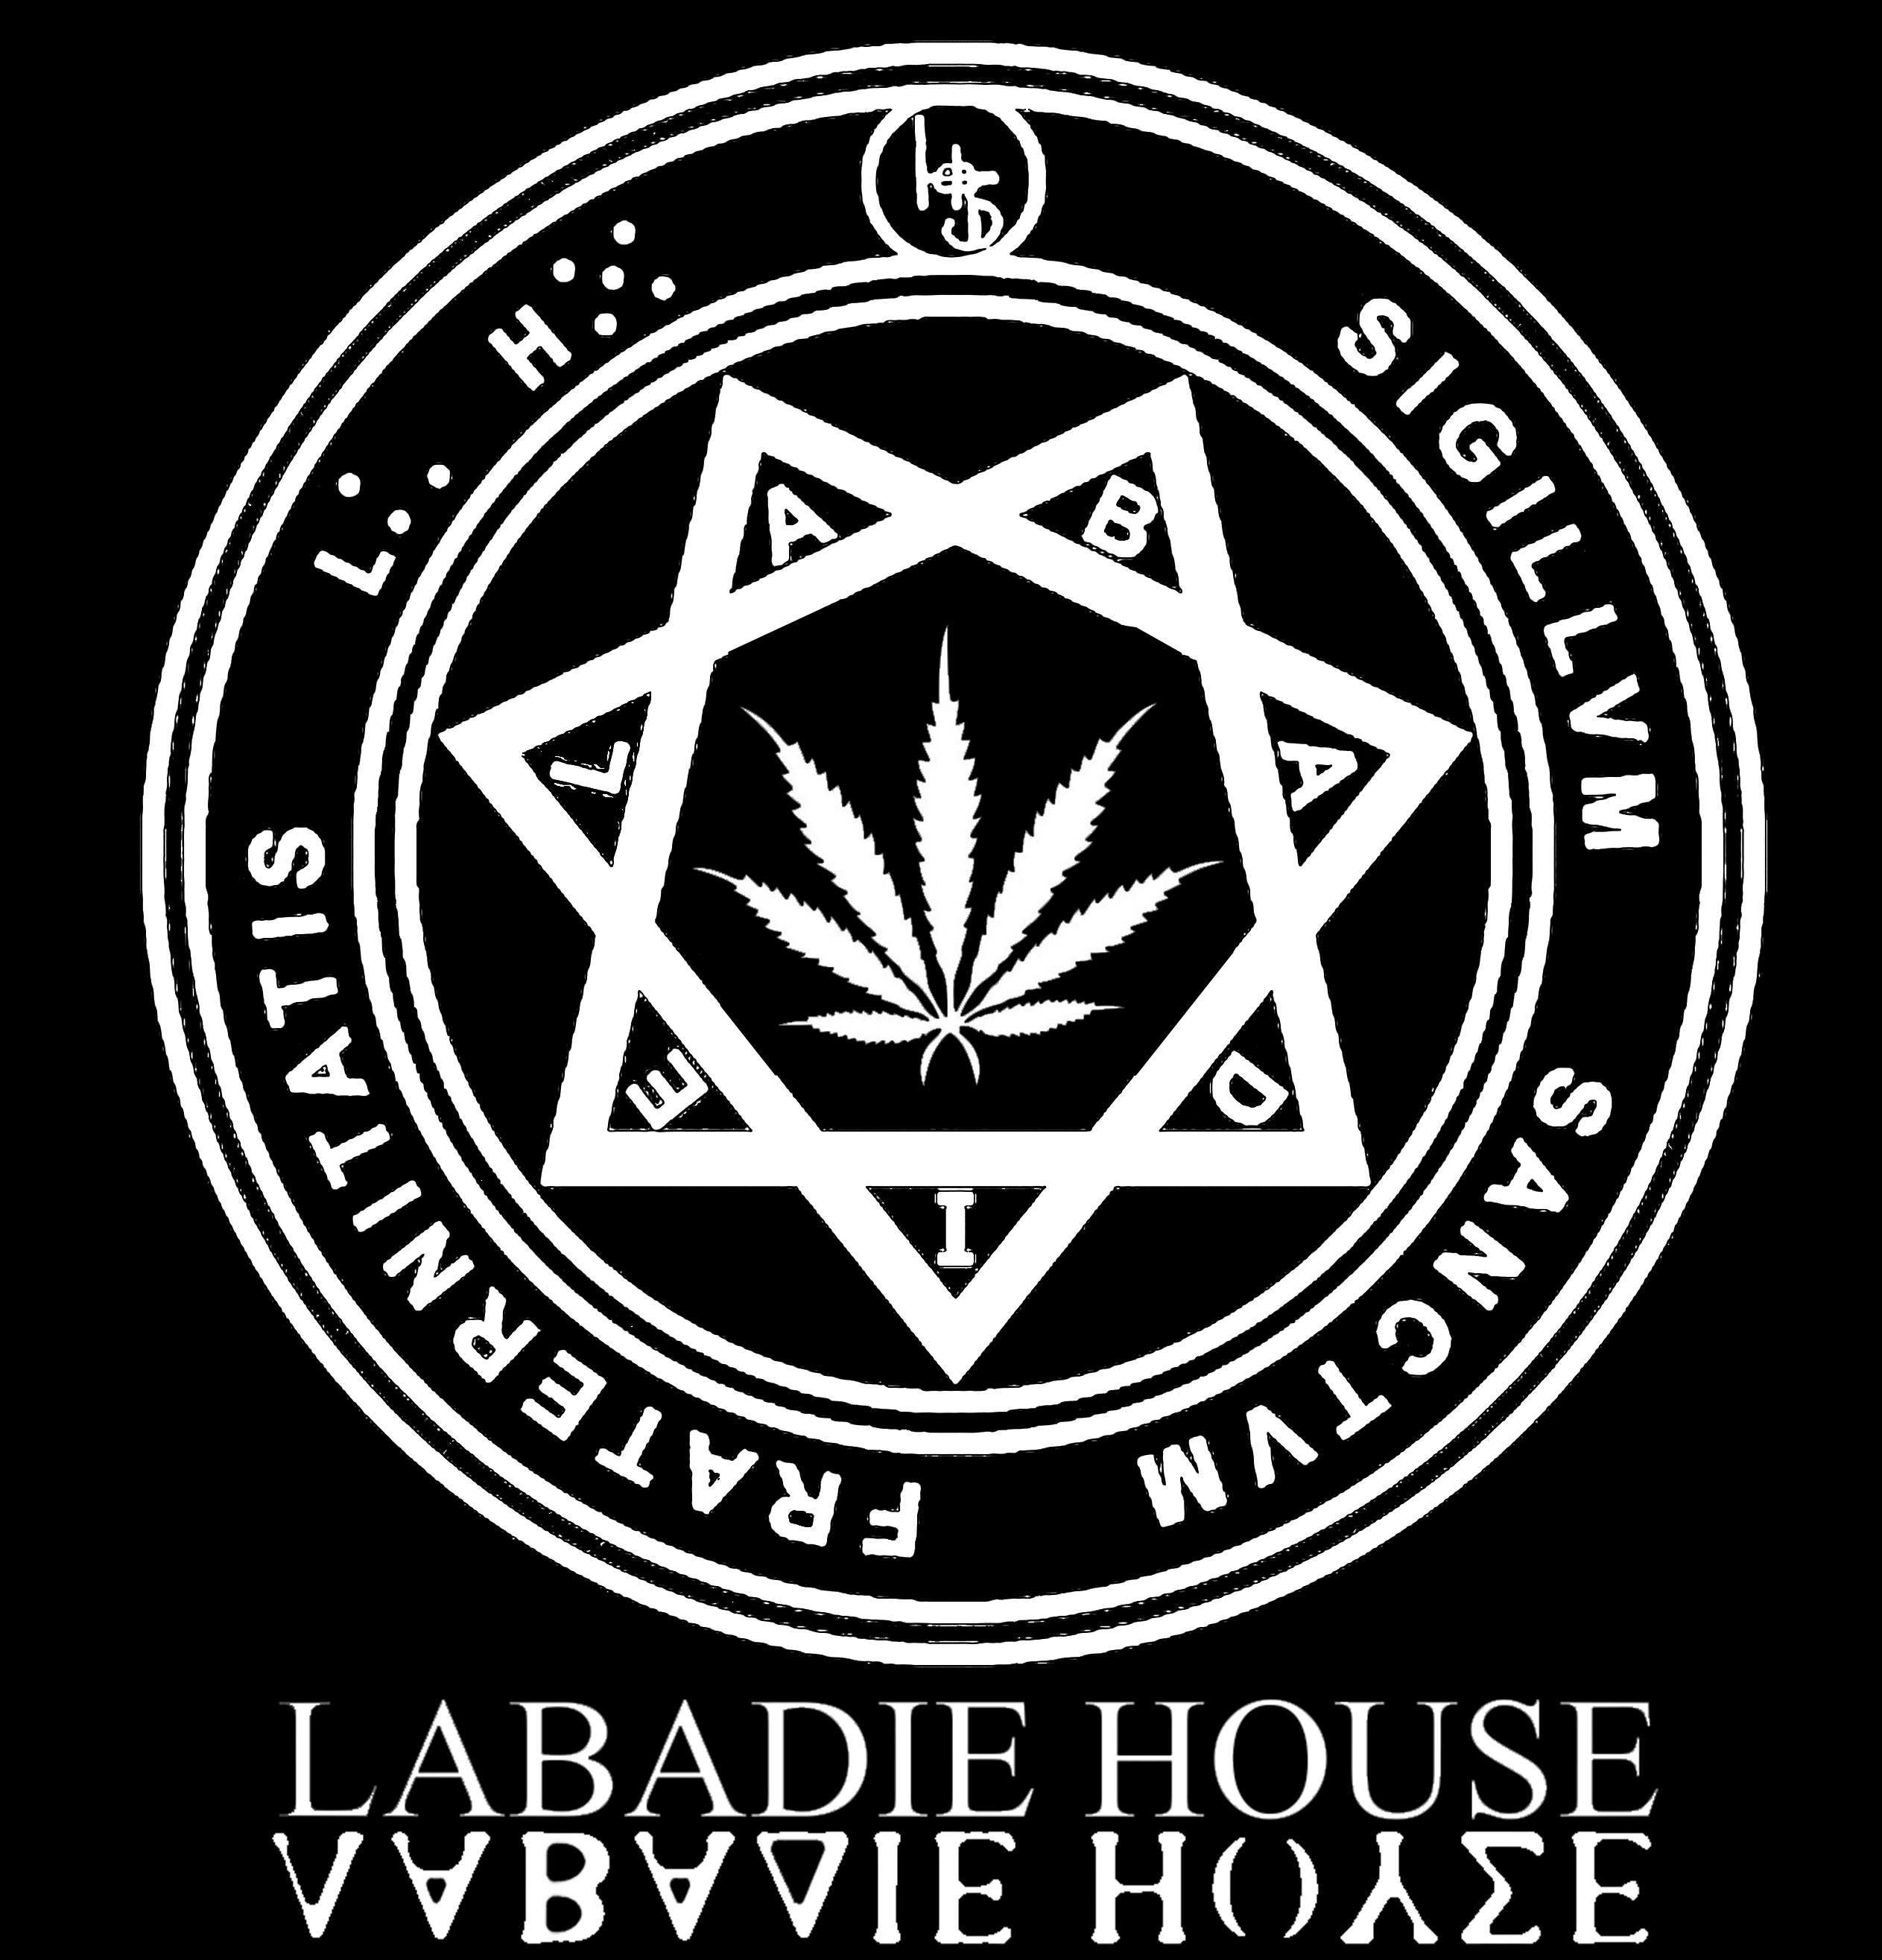 labadiehouse